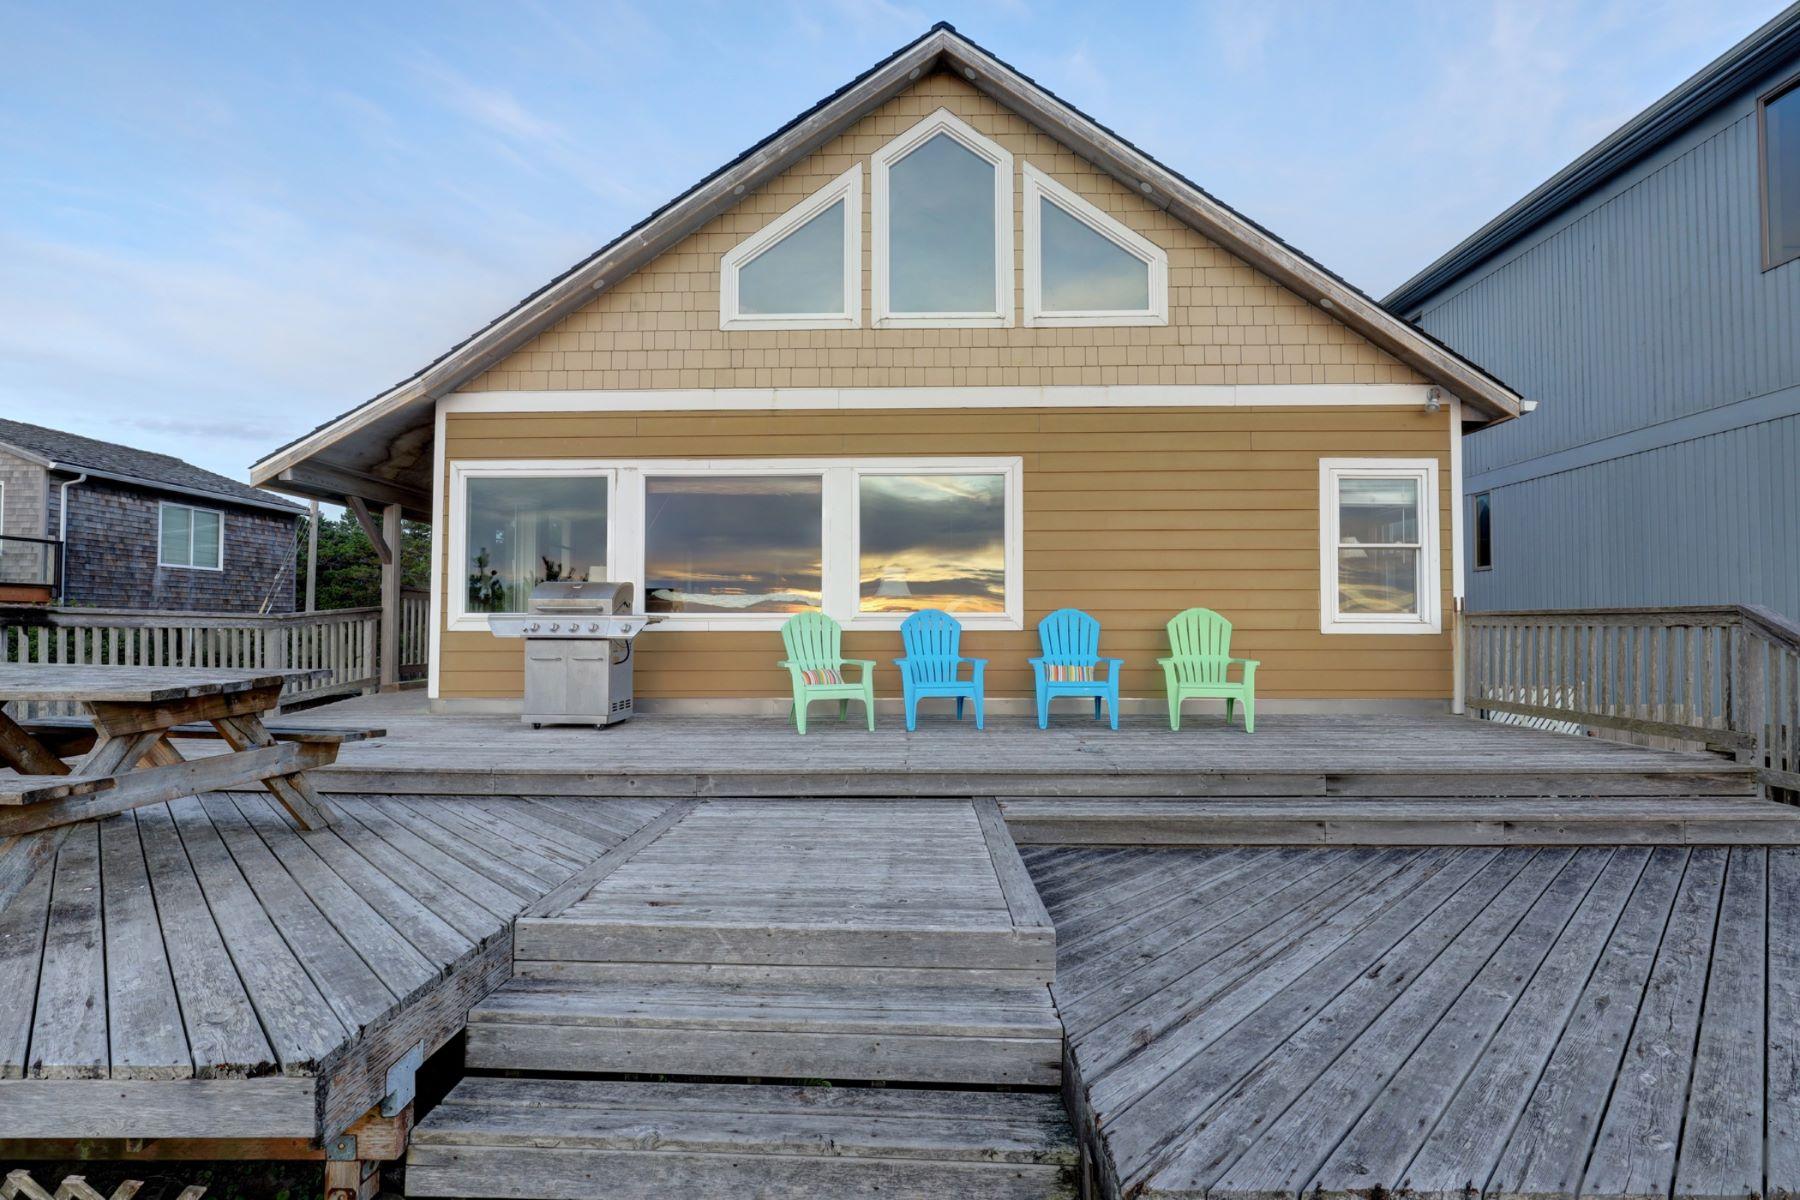 Other Residential Homes για την Πώληση στο 1209 N Prom Seaside, OR 97138 1209 Prom, Seaside, Ορεγκον 97138 Ηνωμένες Πολιτείες